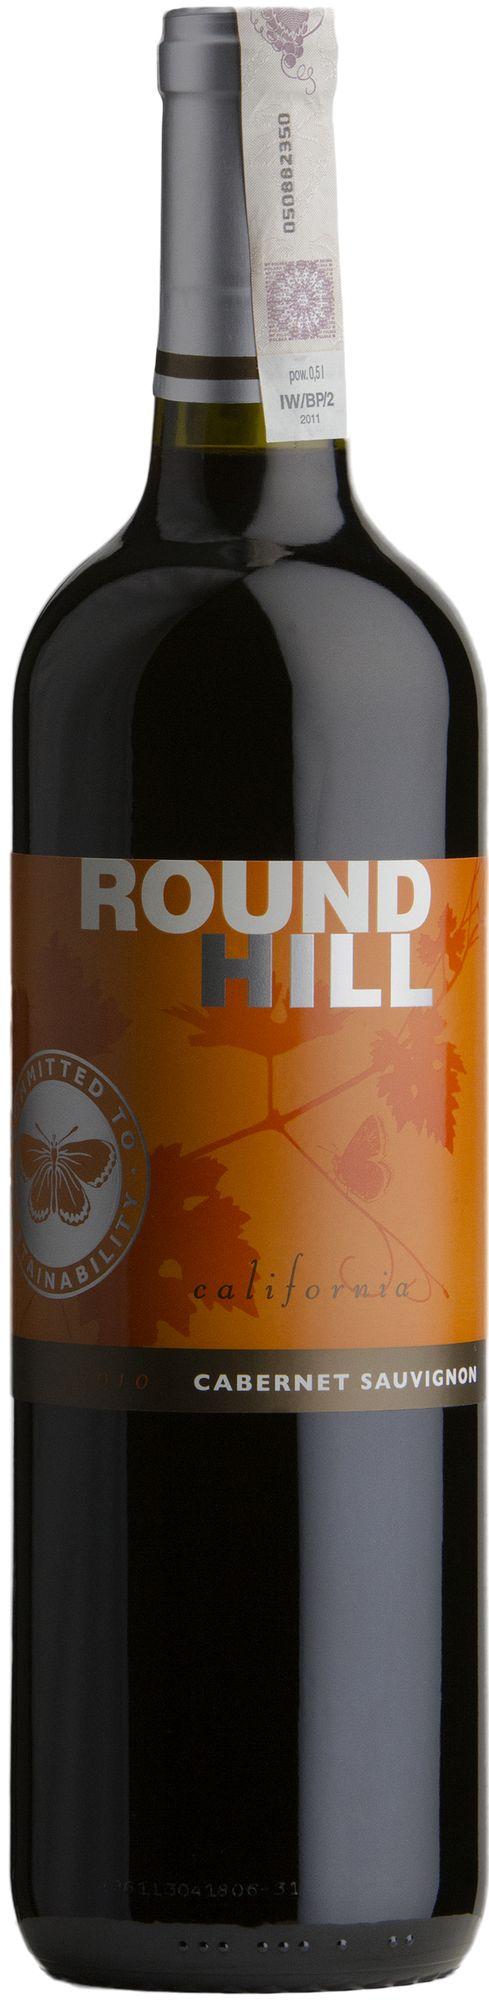 Wino Round Hill Cabernet Sauvignon California